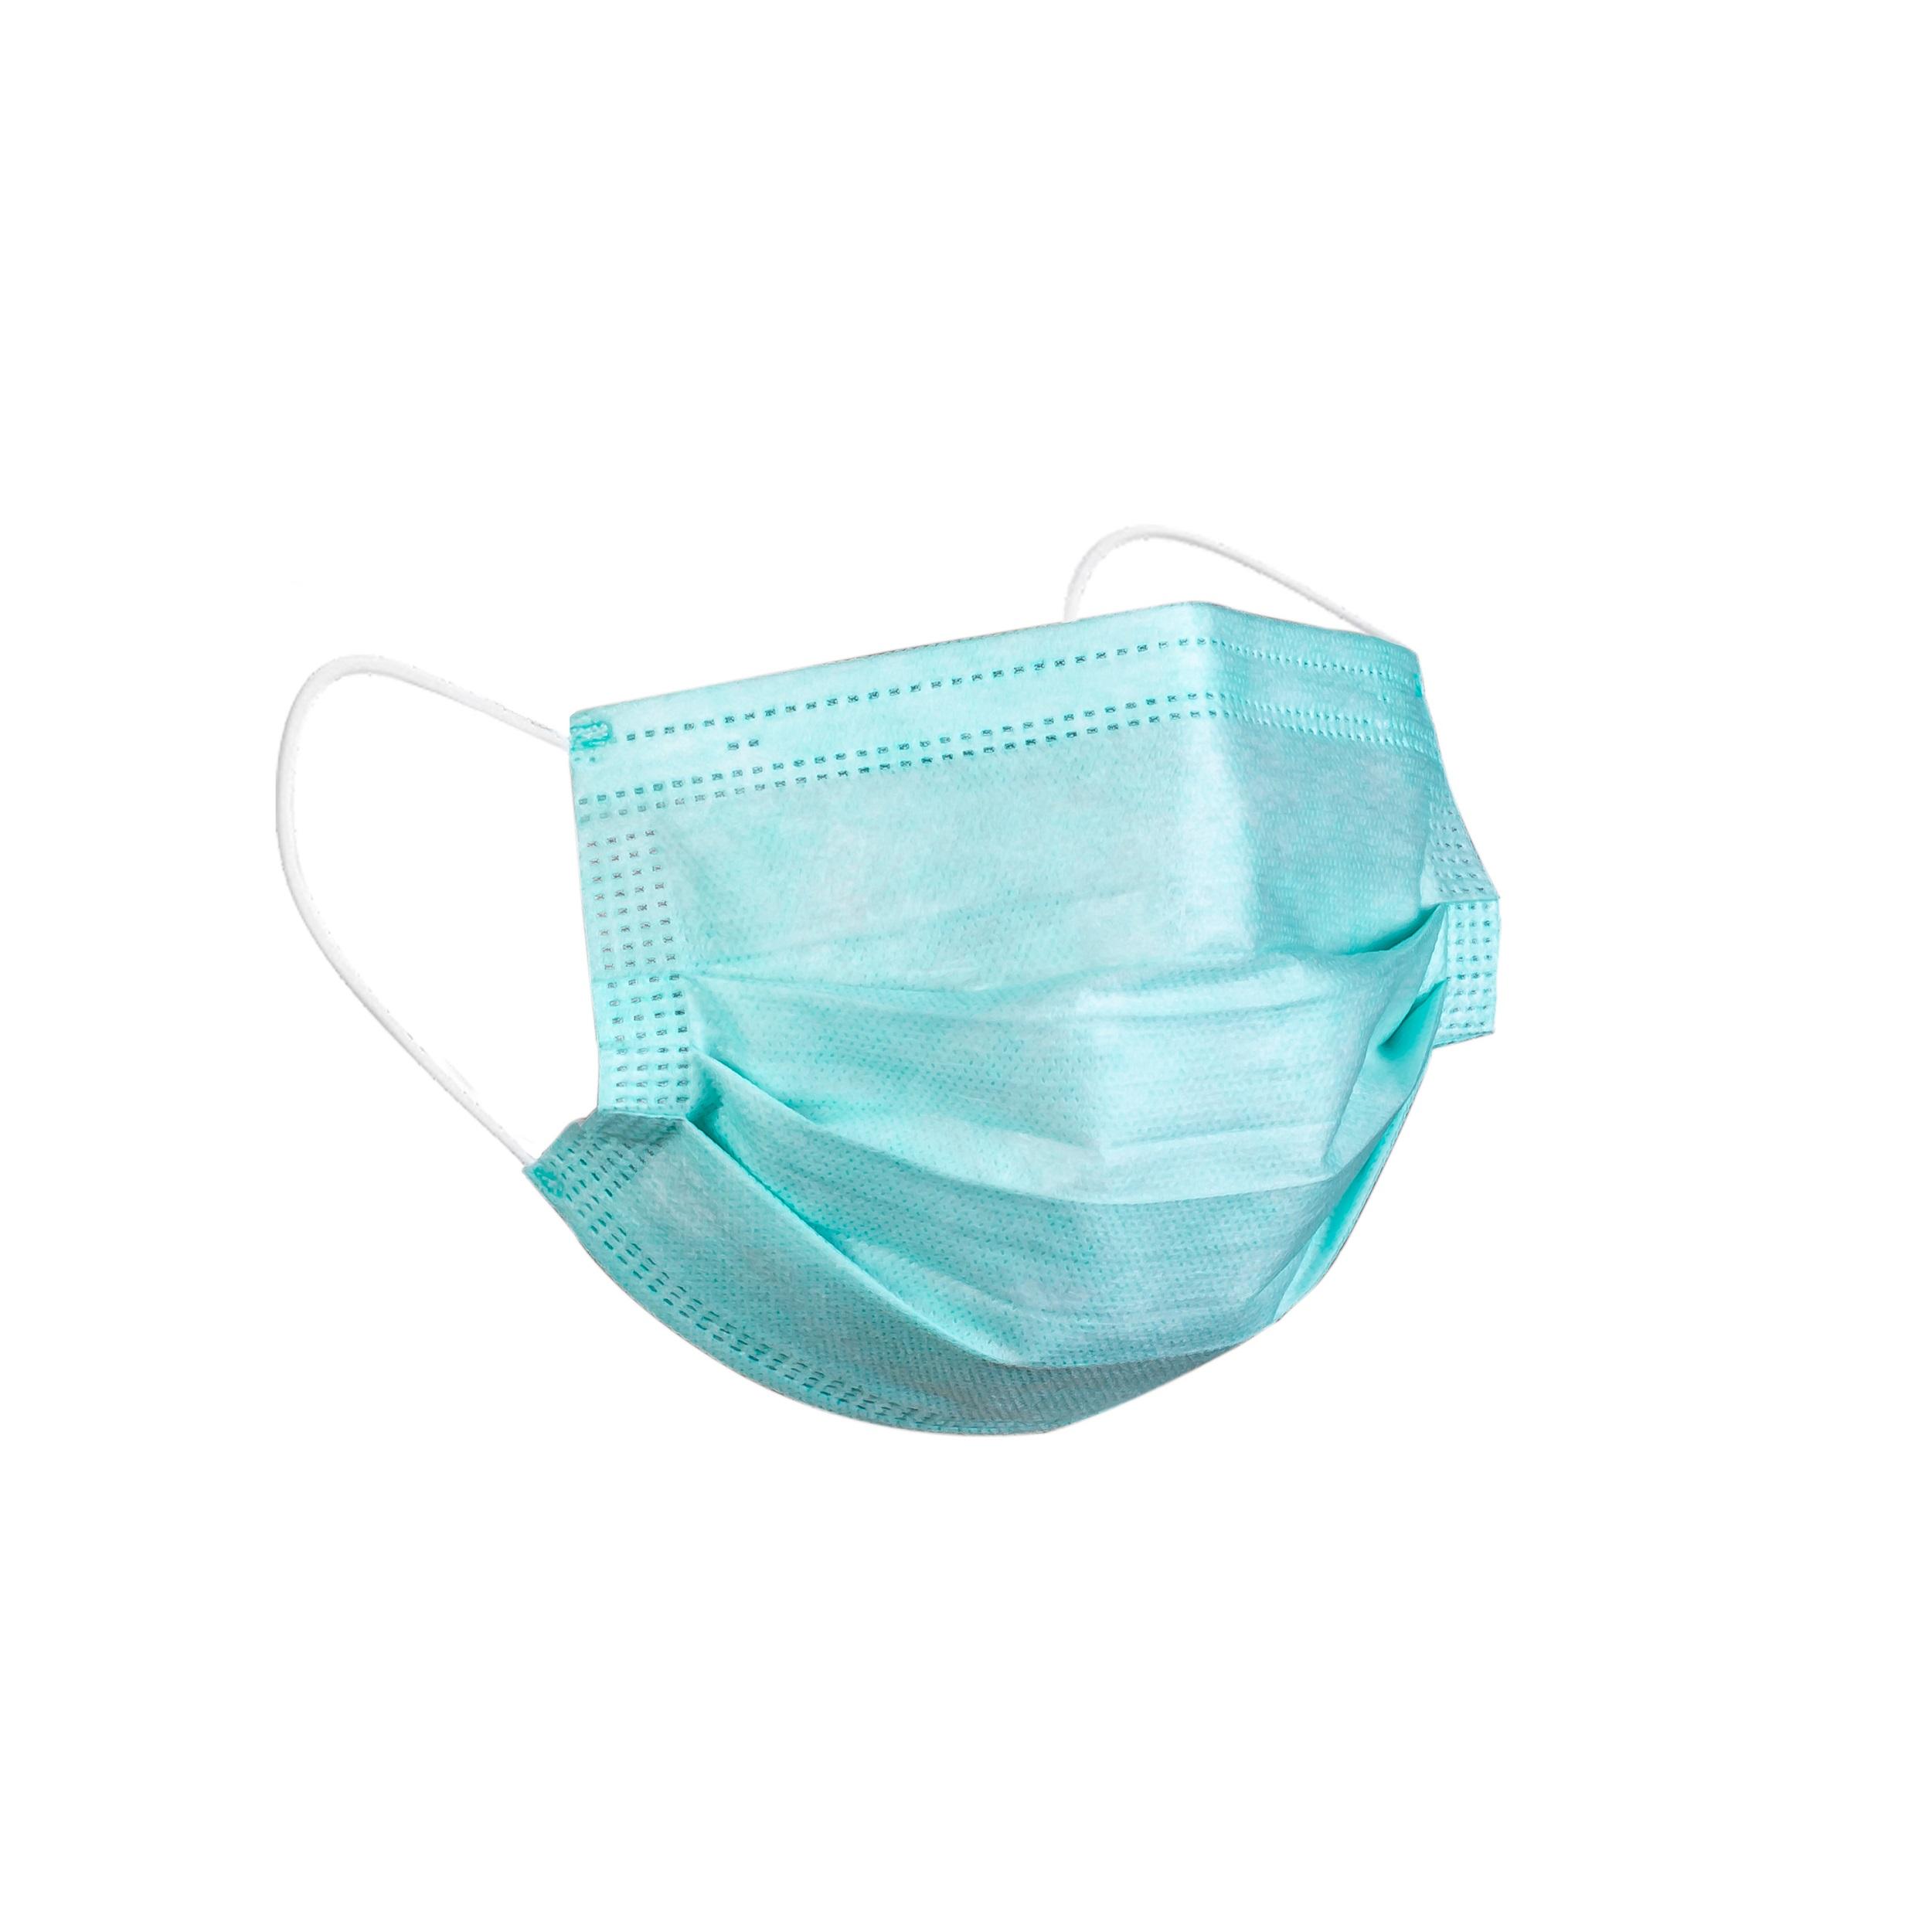 ماسک تنفسی آنید مدل 2021 بسته 50 عددی